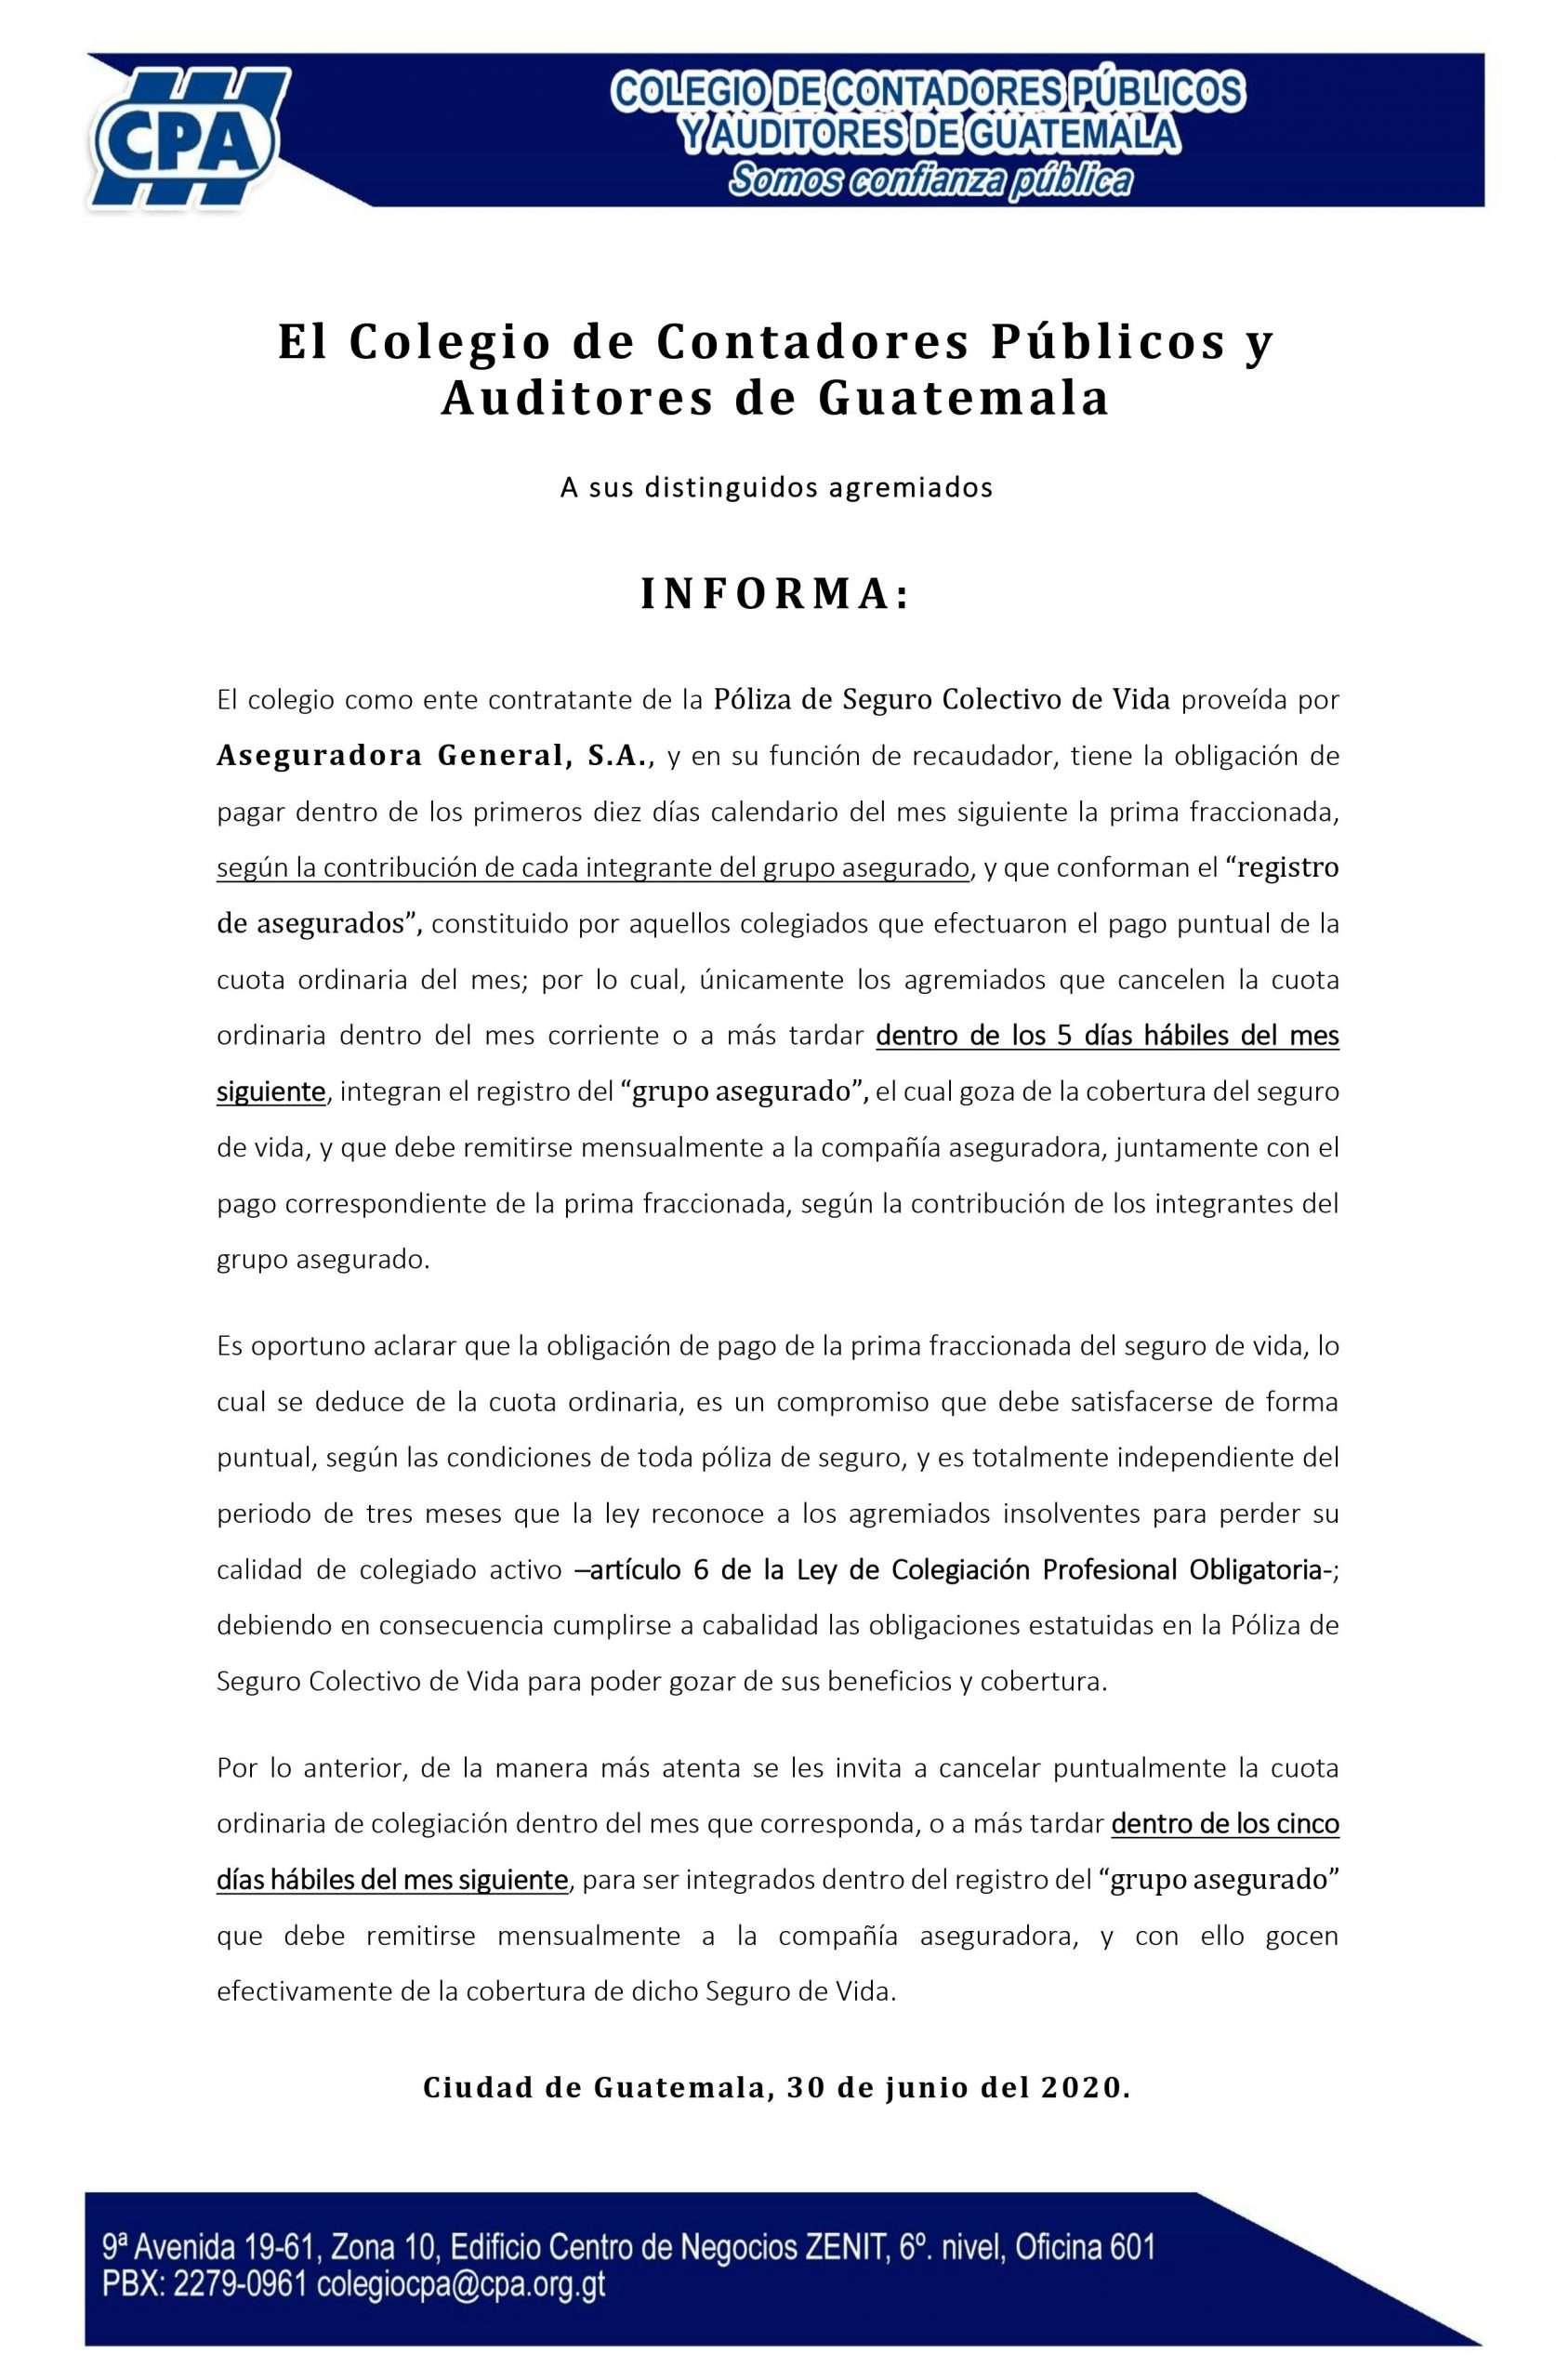 INFORMATIVO – REGISTRO ASEGURADOS Y PAGO FRACCIONADO PRIMA SEGURO COLECTIVO VIDA – 30 JUN 20